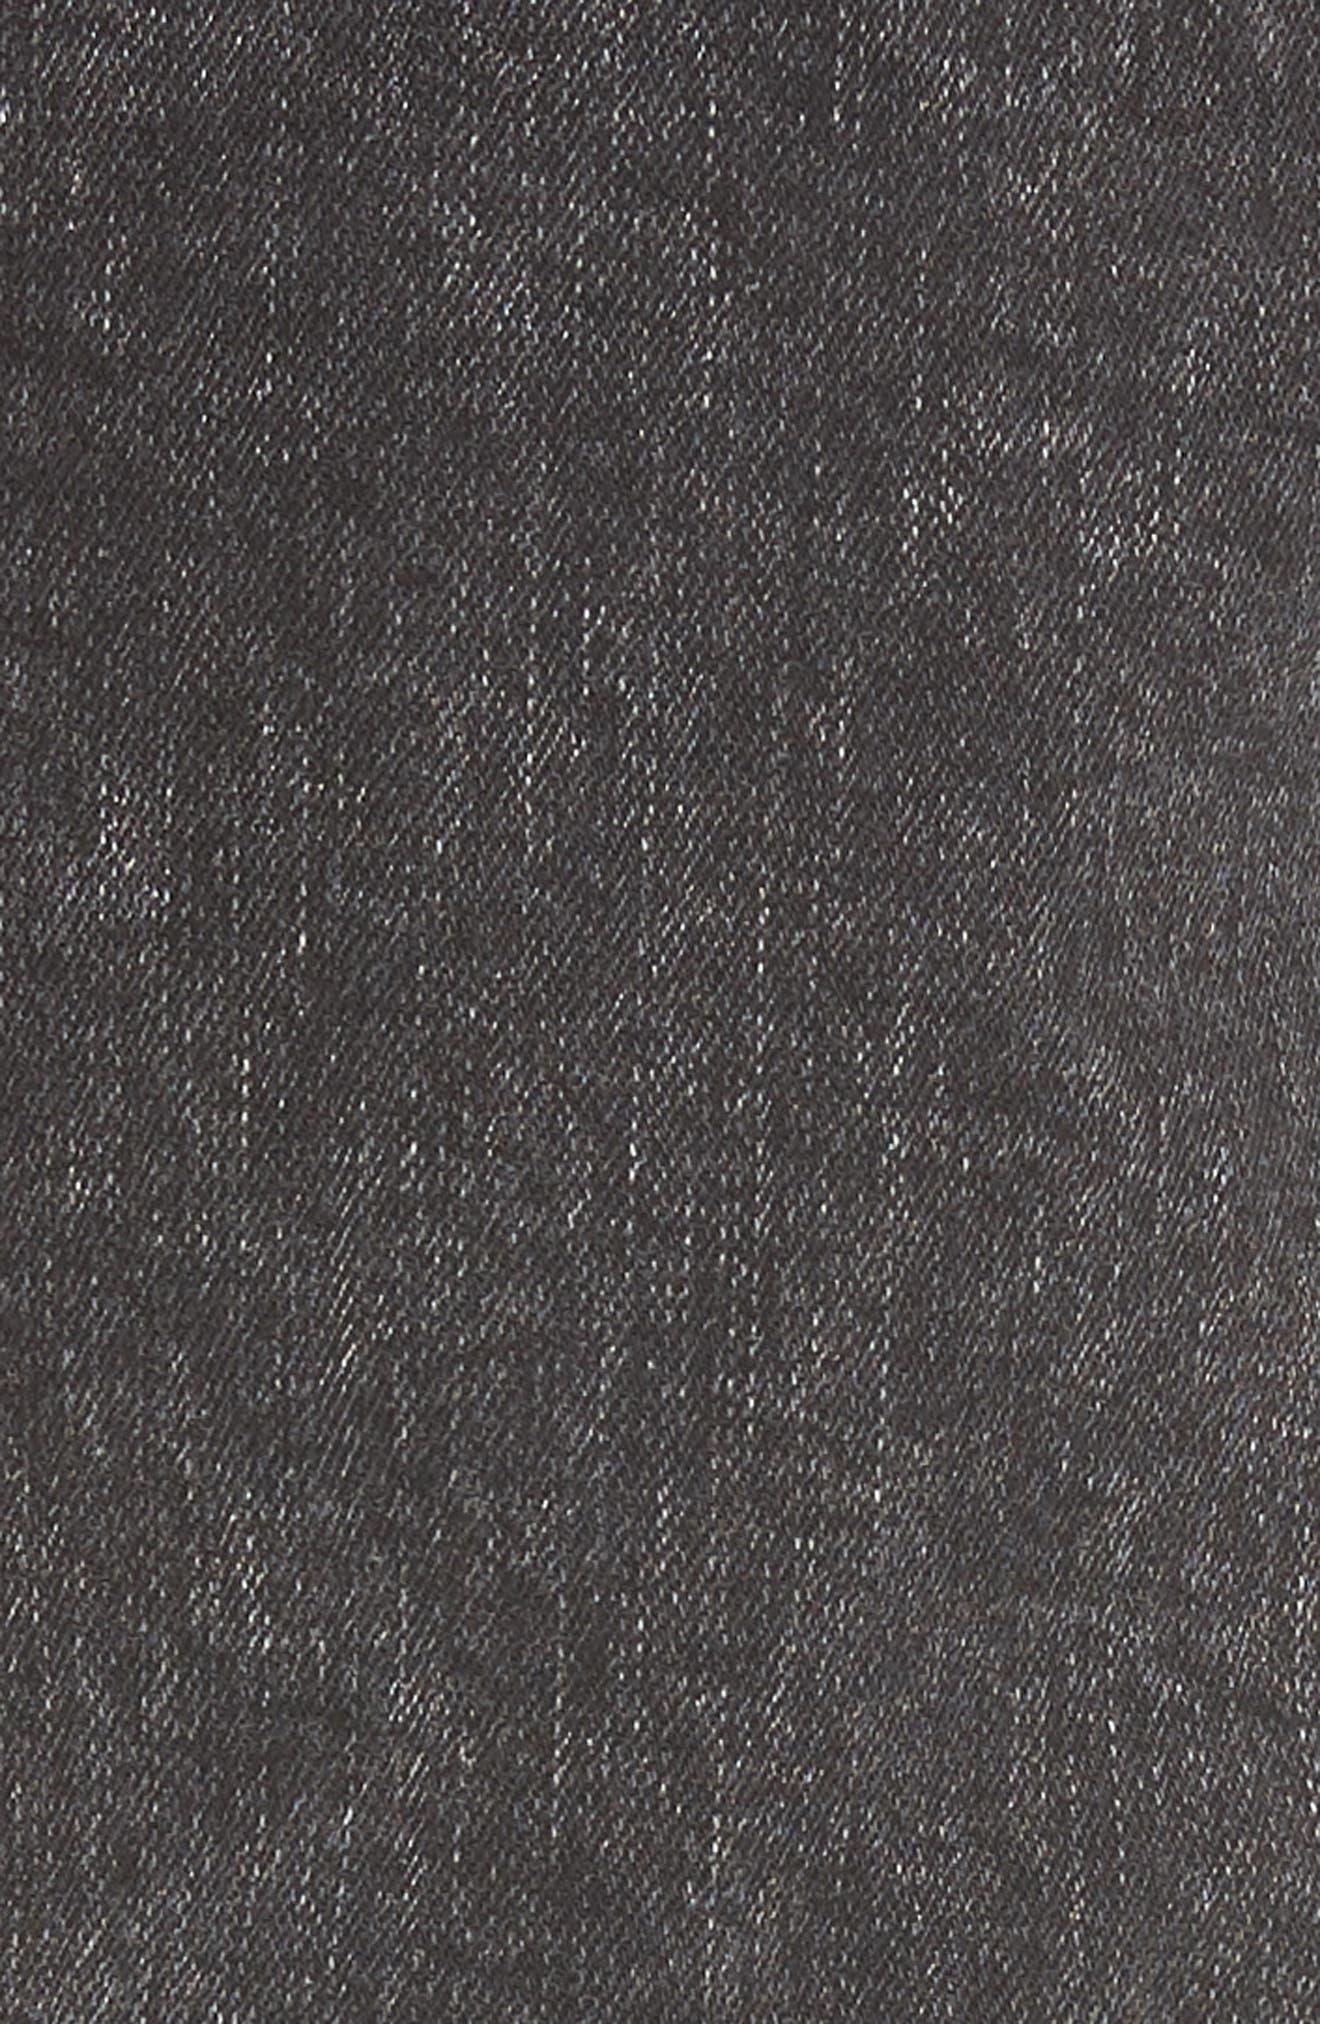 Alternate Image 5  - Dr. Denim Supply Co. Snap Skinny Fit Jeans (Acid Black)